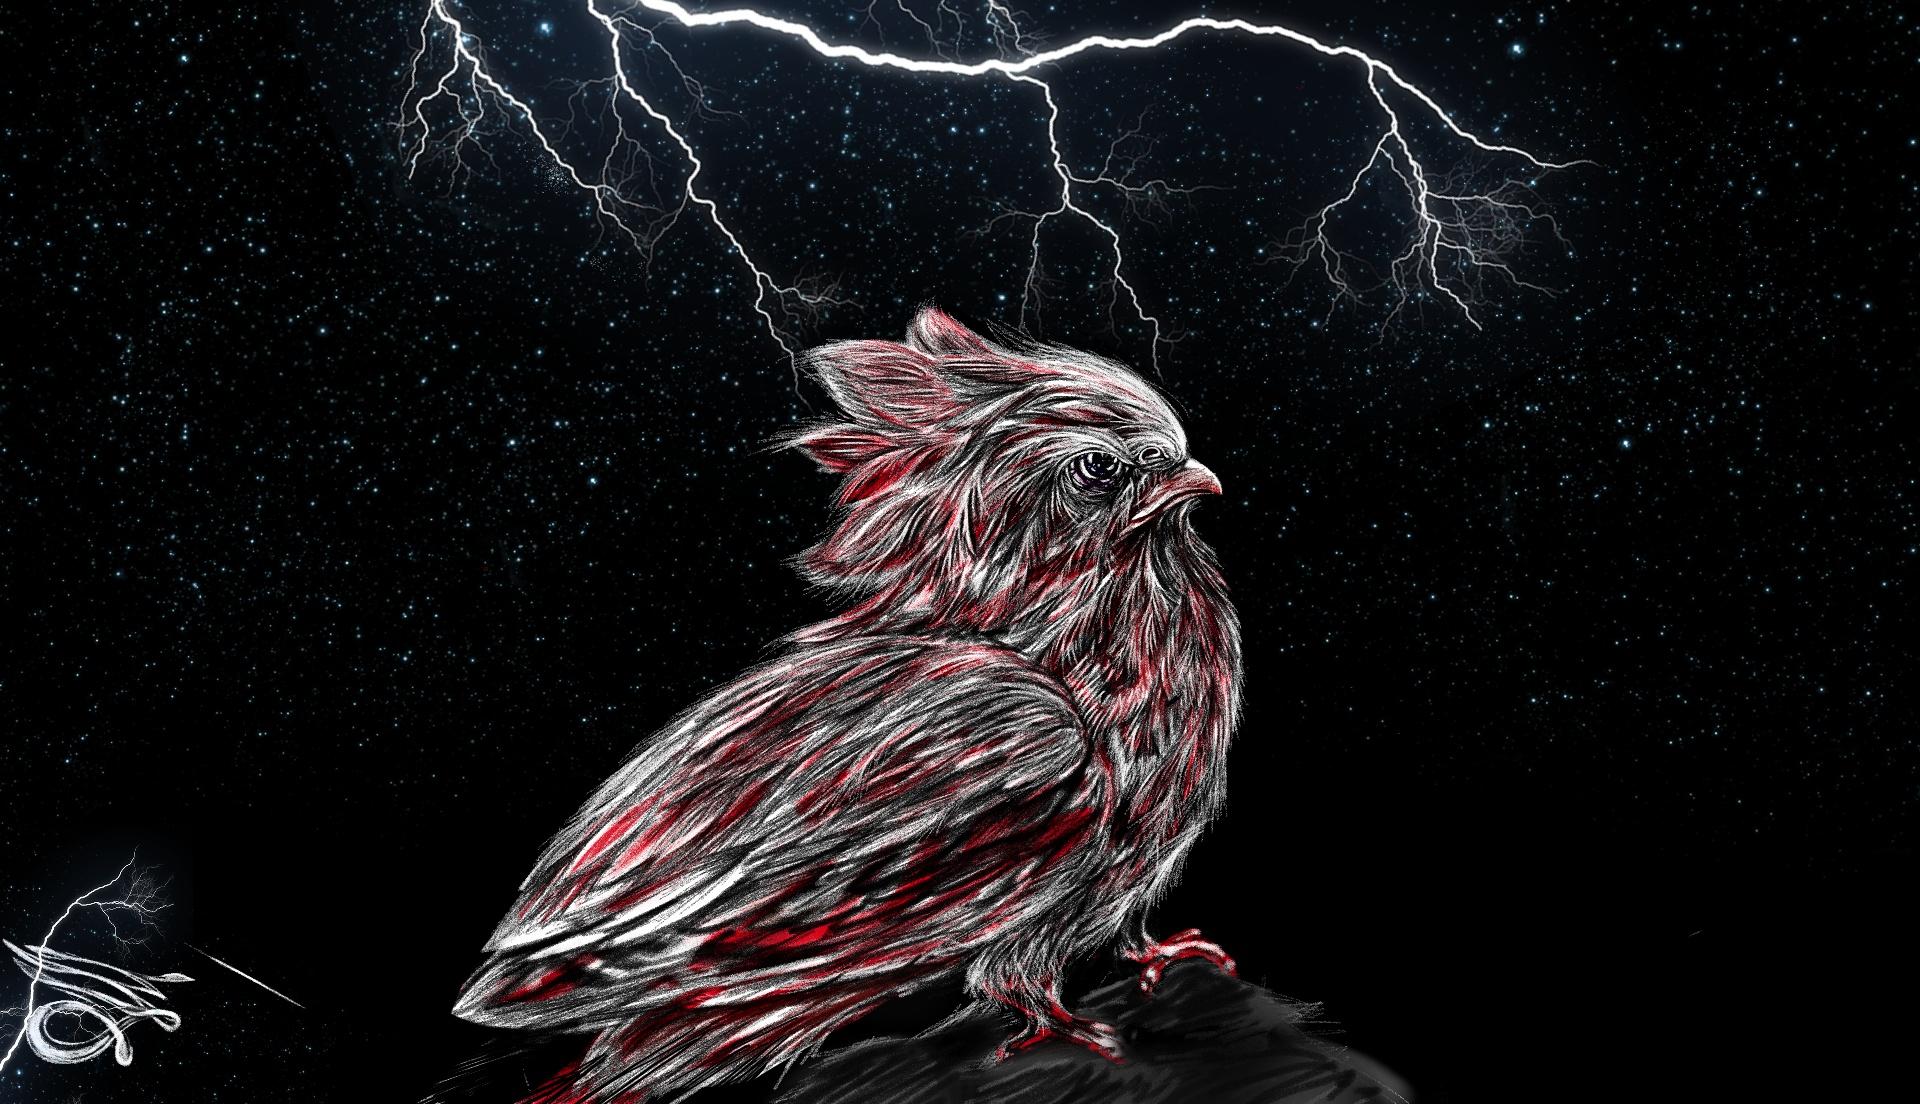 галактические птицы картинки узнаваемая манера